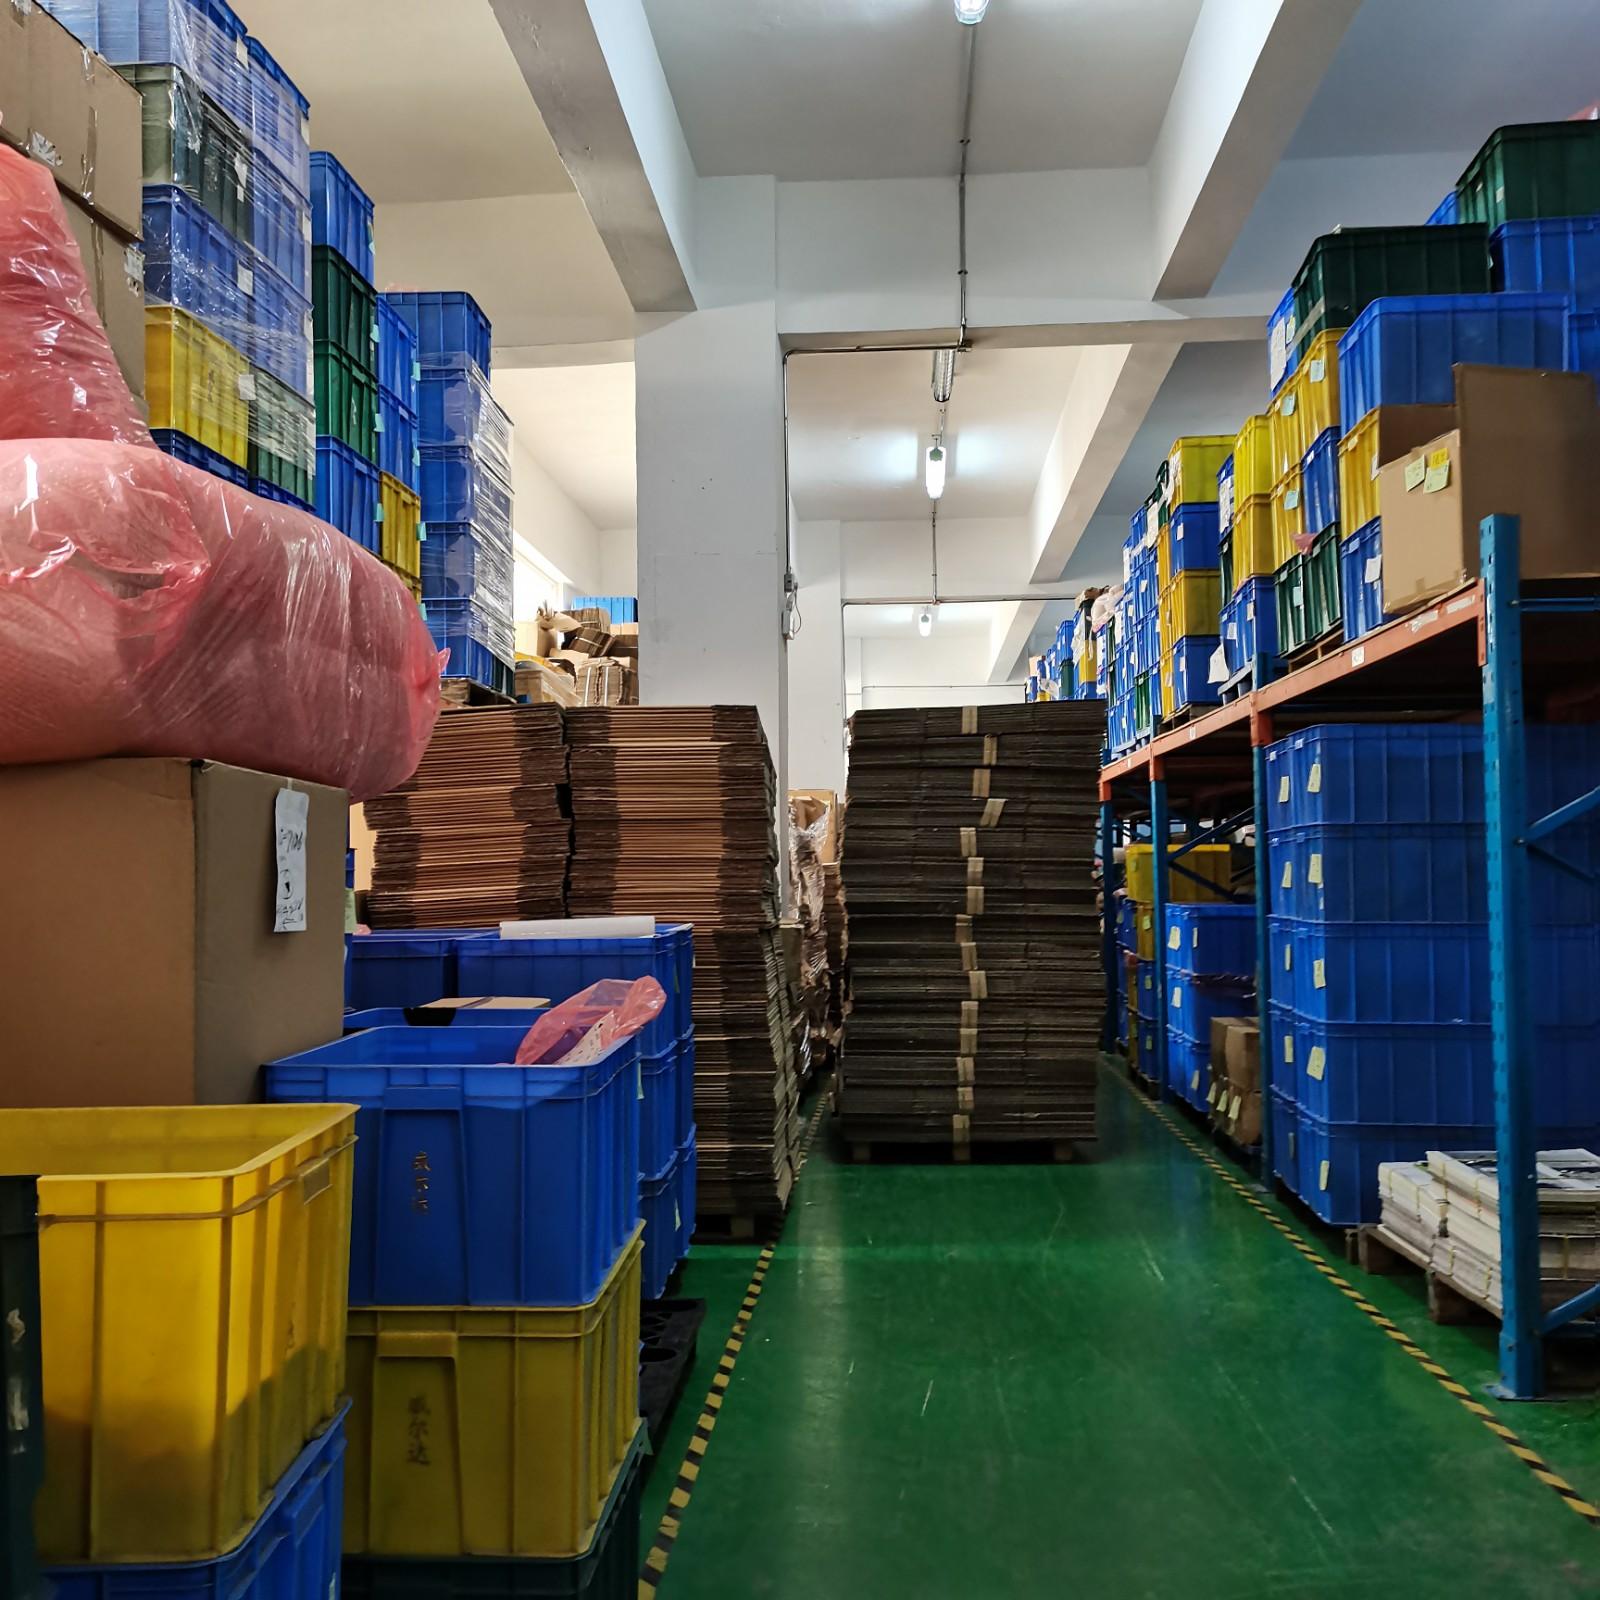 Verpackungskarton materials.jpg